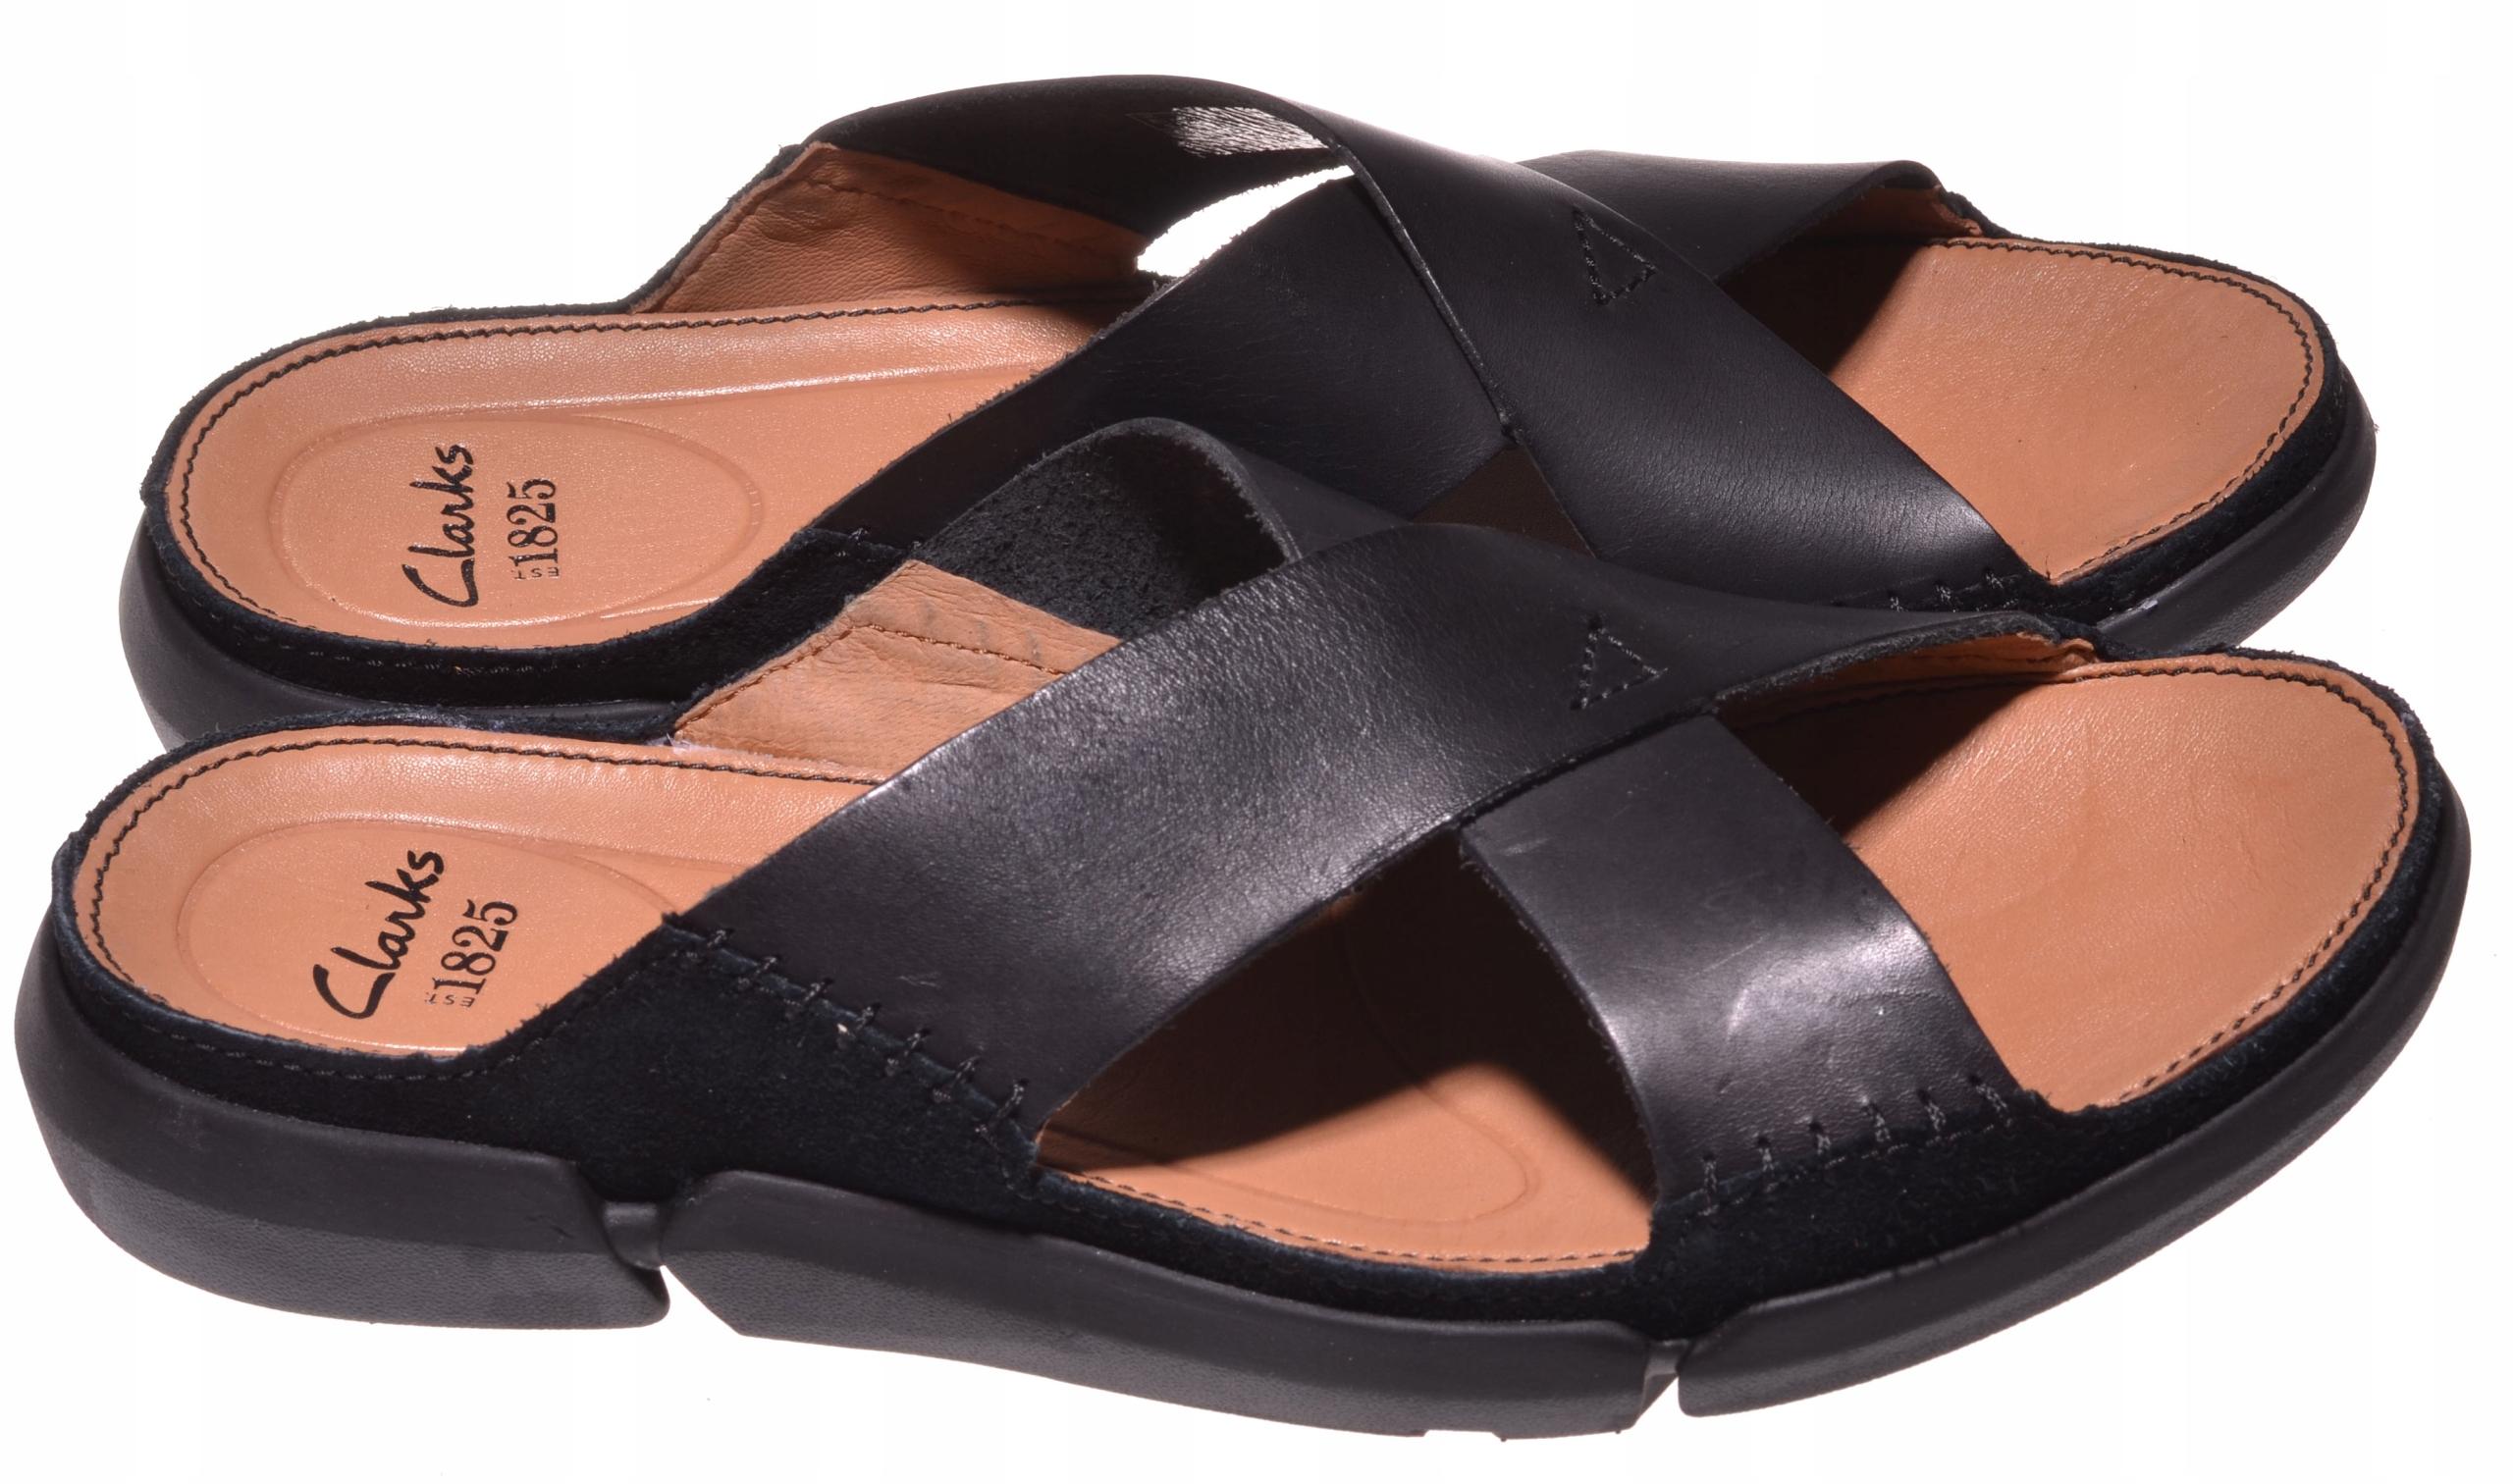 KLAPKI CLARKS TRISAND CROSS Black Leather 40